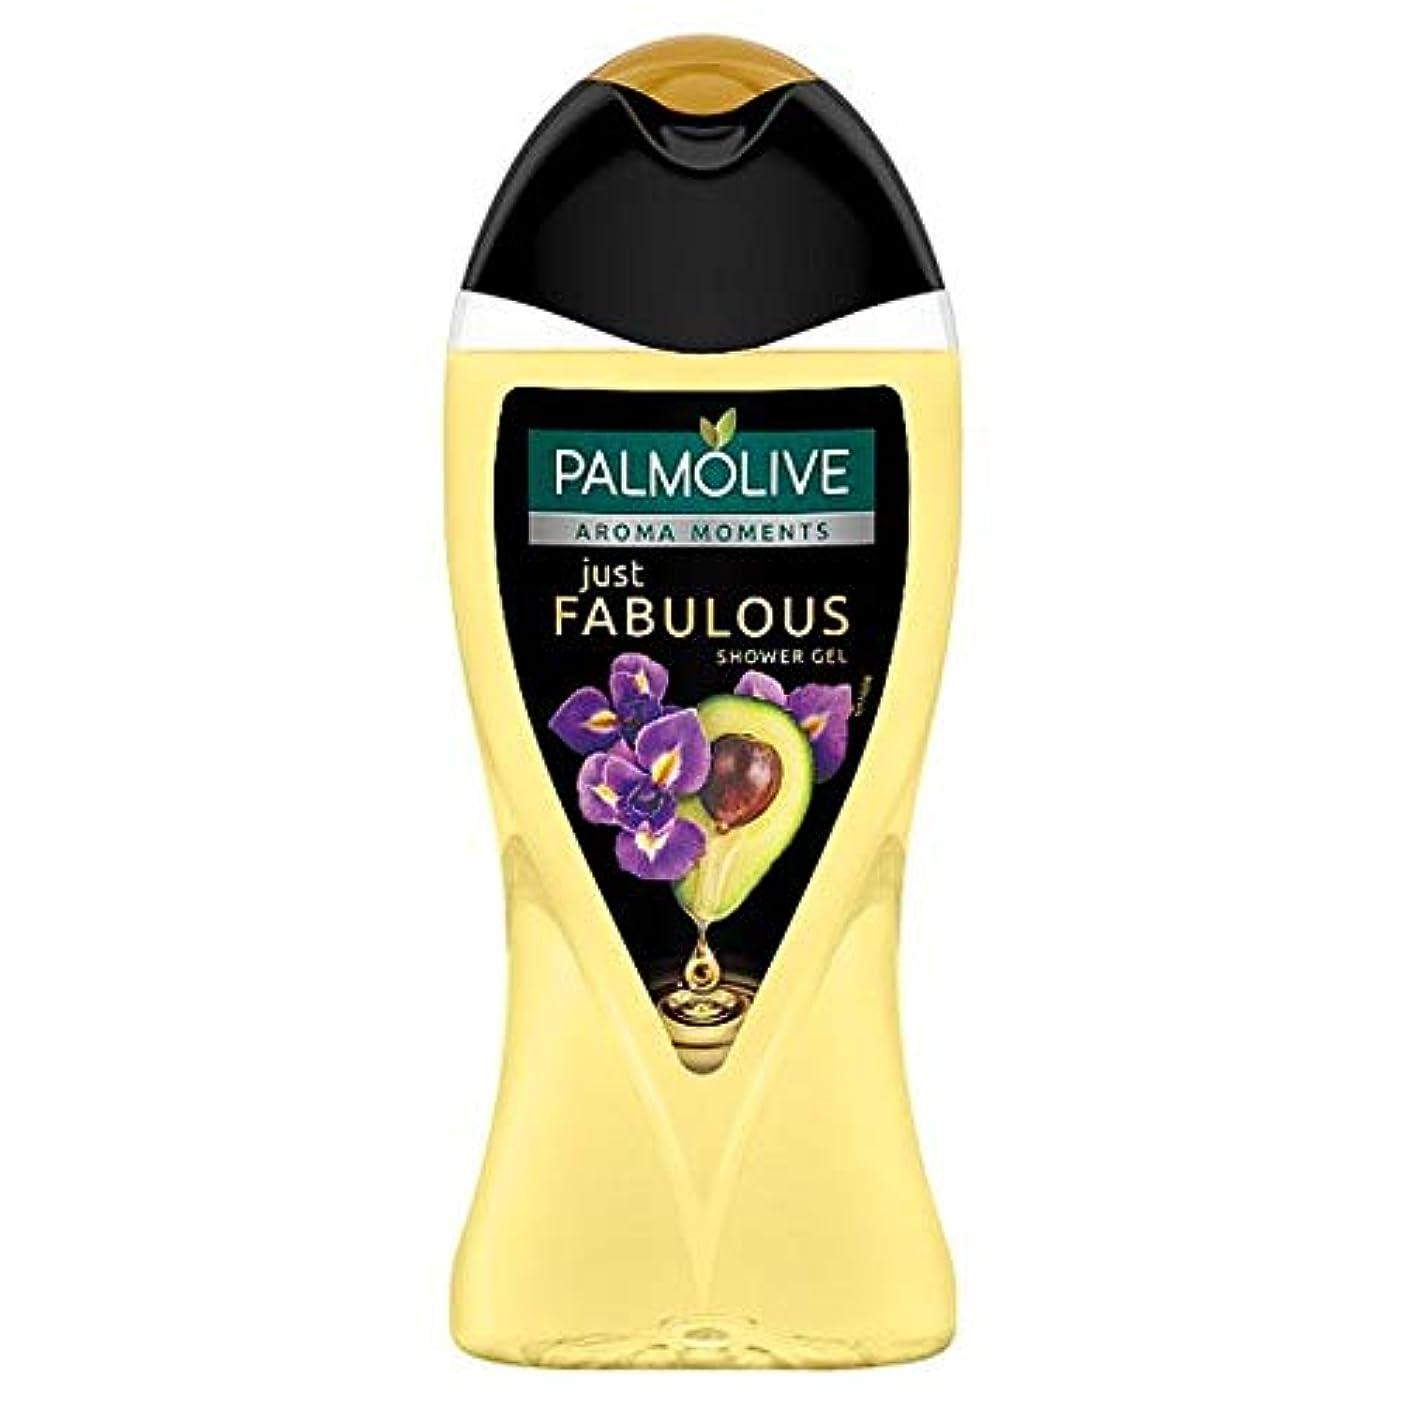 取り扱いマイナー心臓[Palmolive] ちょうど素晴らしいシャワージェル250ミリリットルをパルモ - Palmolive Just Fabulous Shower Gel 250Ml [並行輸入品]